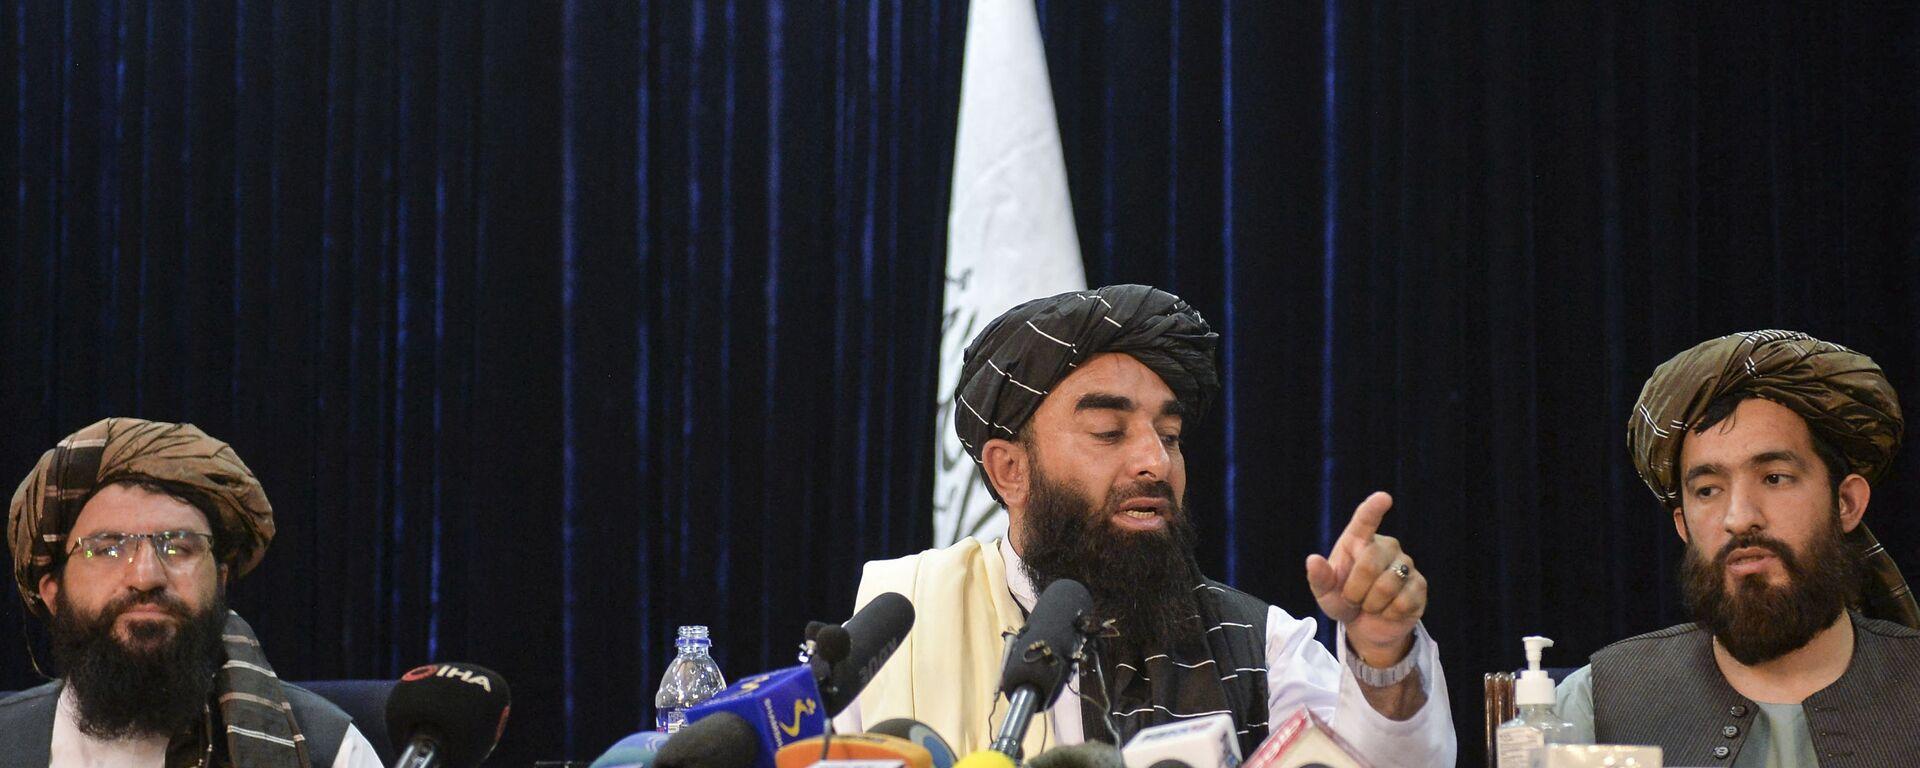 Il portavoce dei talebani, Zabihullah Mujahid - Sputnik Italia, 1920, 15.09.2021